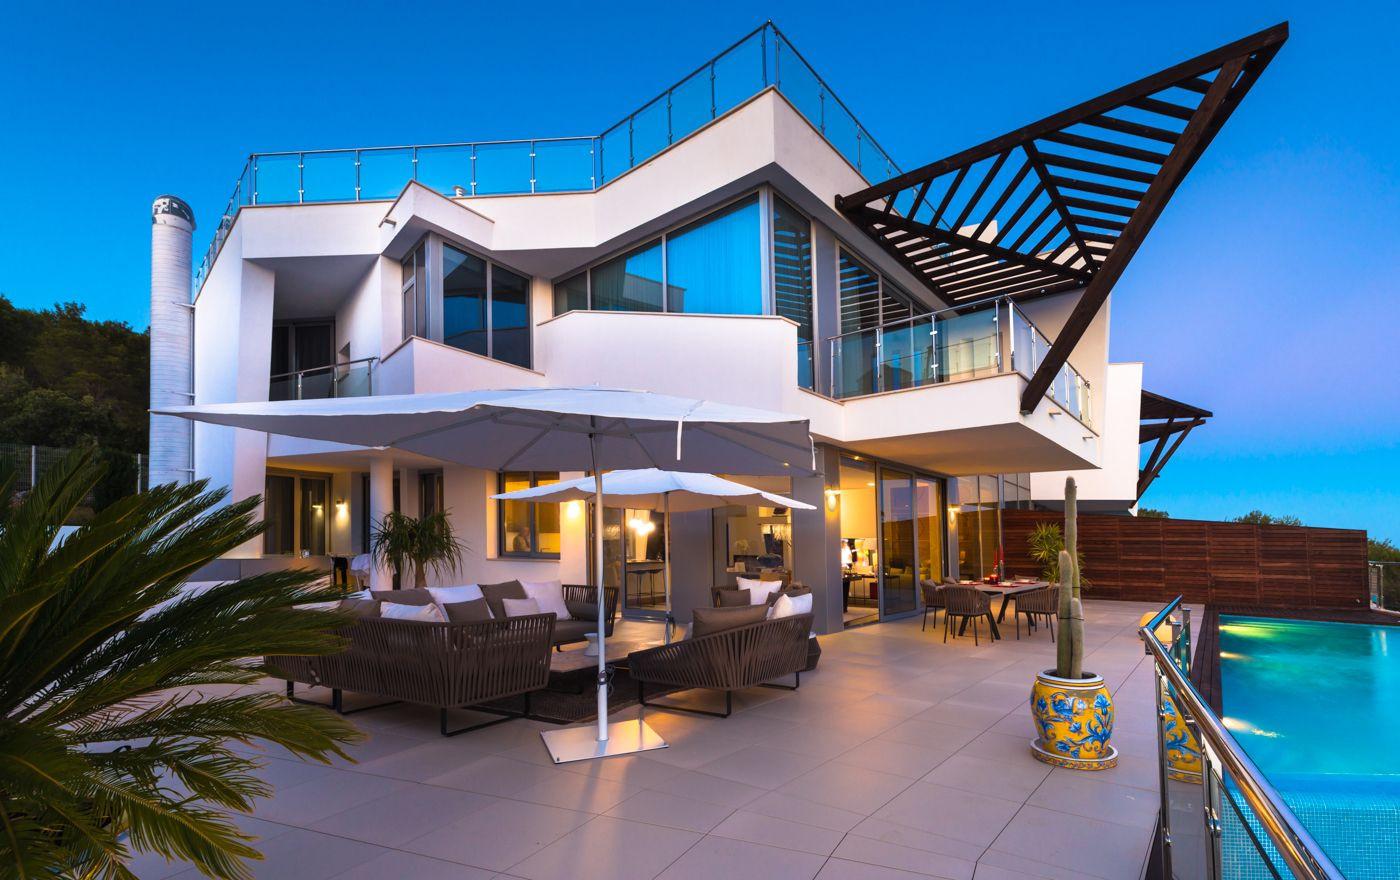 Casas adosadas modernas a la venta en Marbella - Sierra Blanca